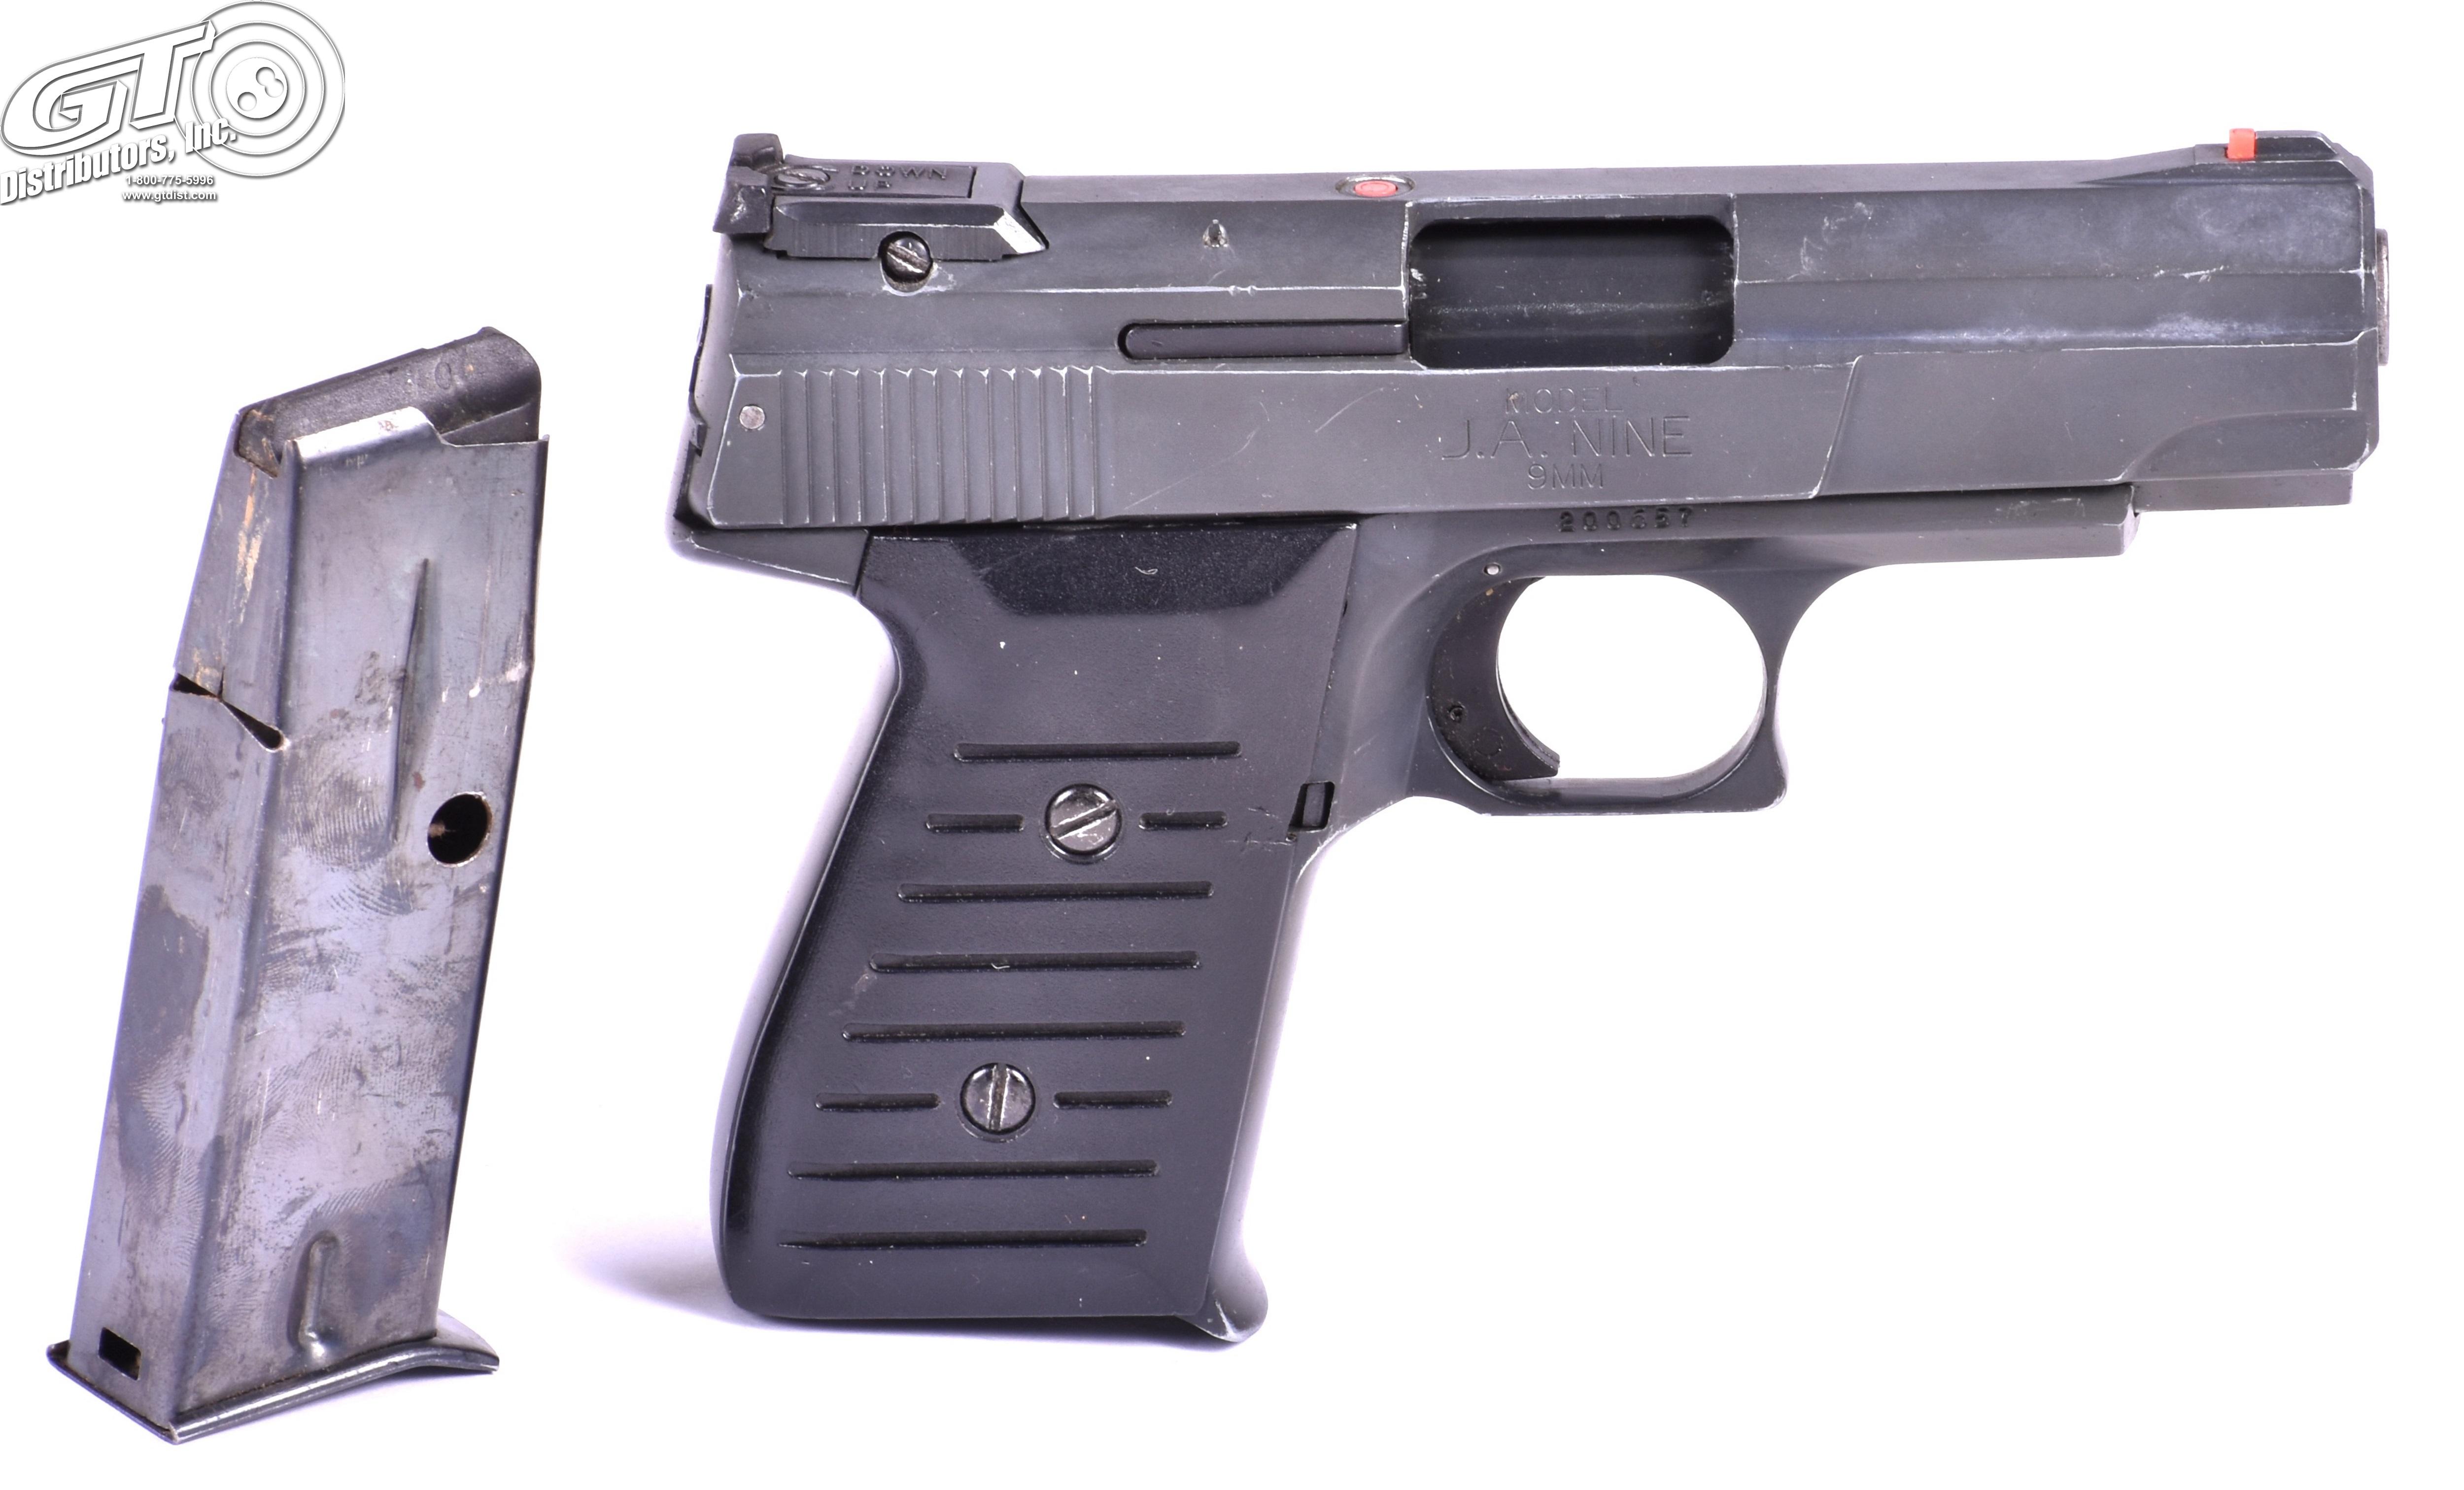 Jimenez Arms JA9 9mm - Semi Auto Pistols at GunBroker com : 803520105